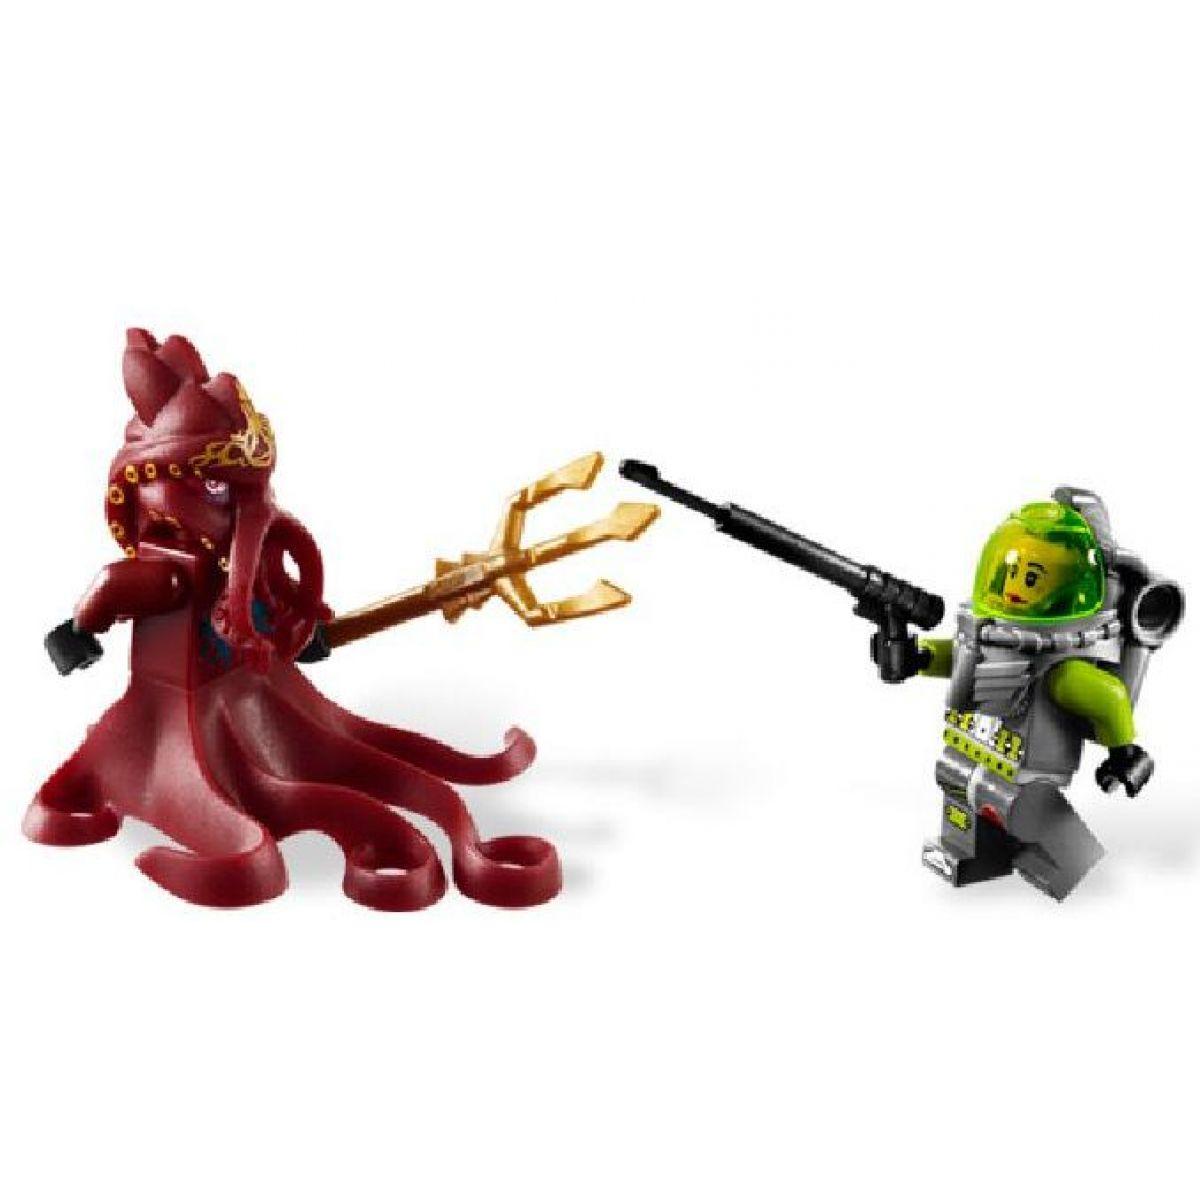 LEGO Atlantis 8061 Oliheň střeží bránu #3